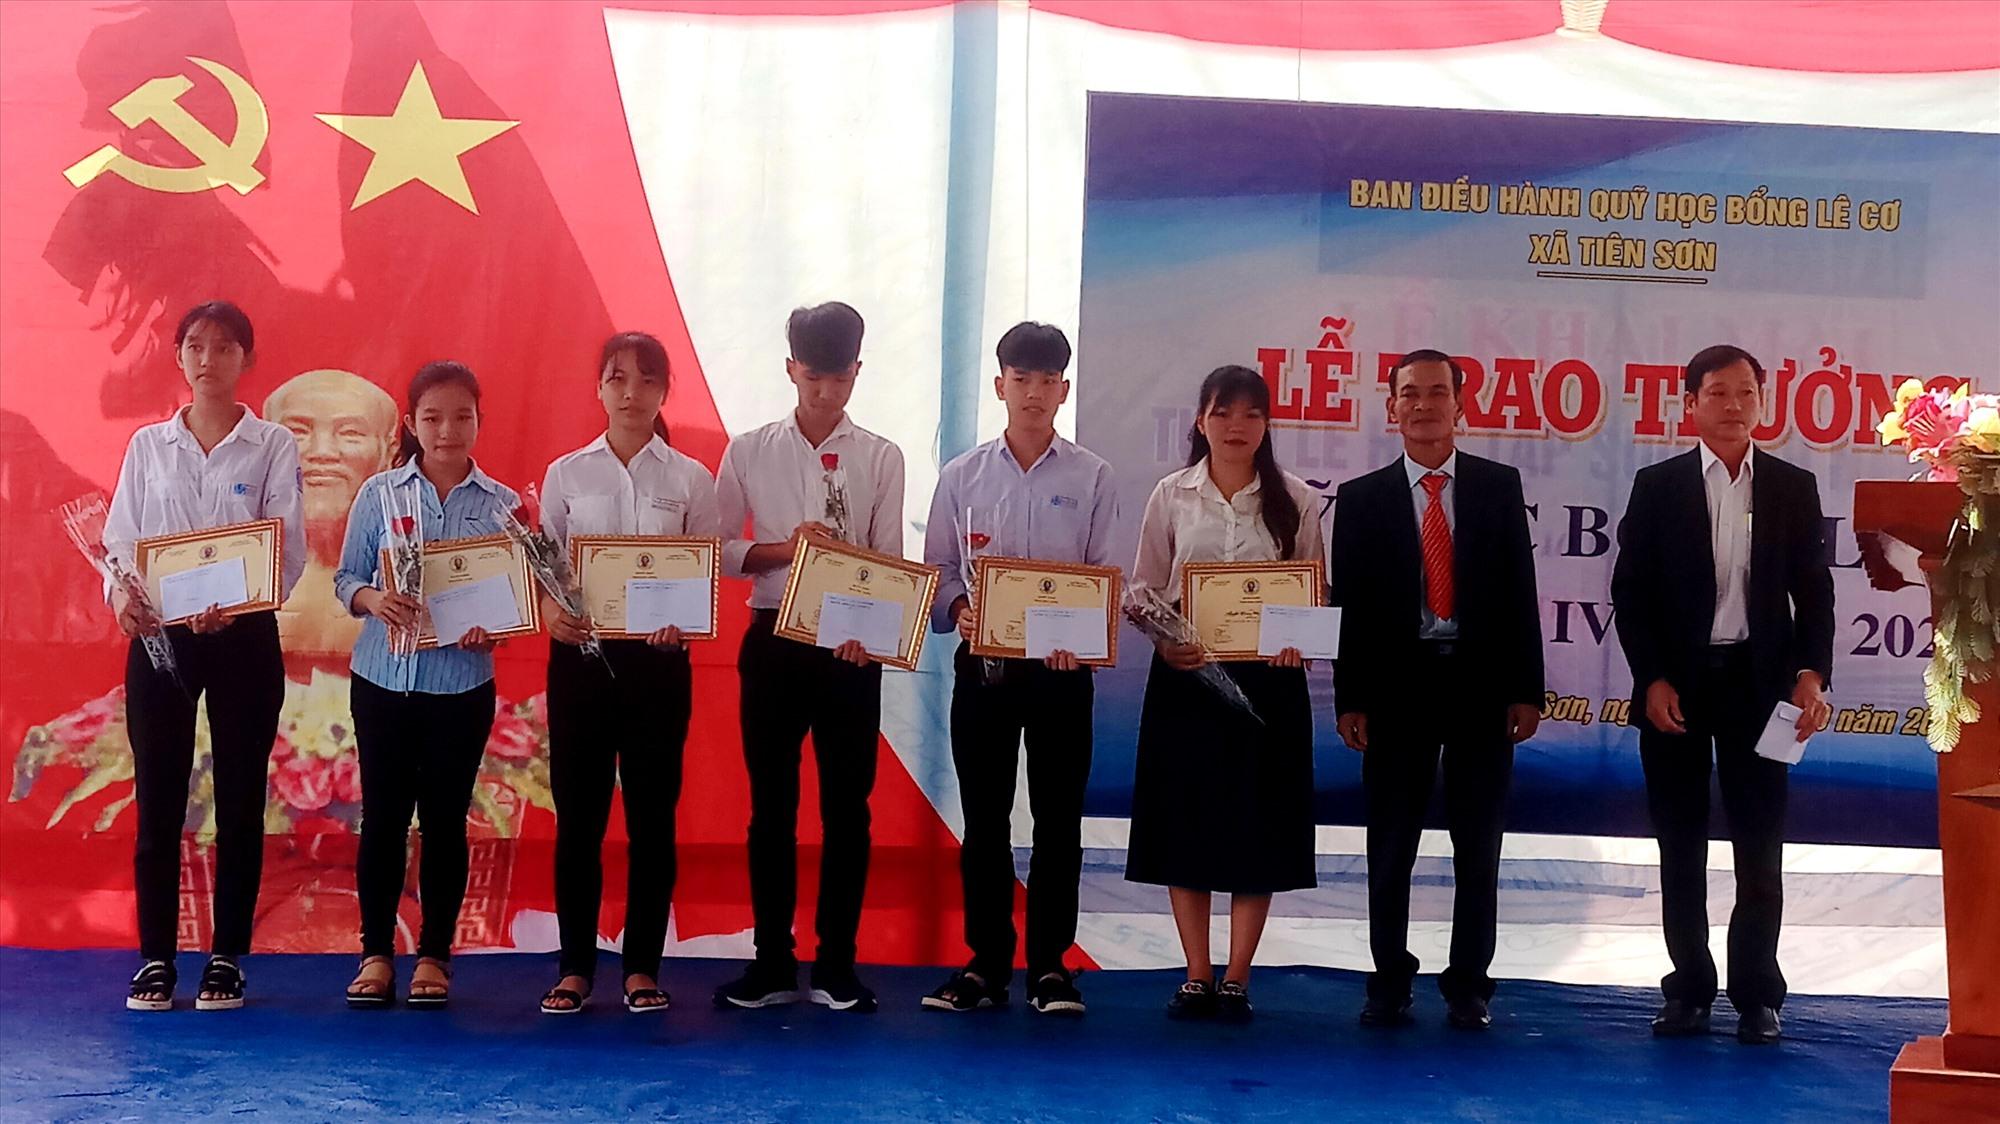 Trao thưởng Quỹ học bổng Lê Cơ cho 13 học sinh, sinh viên xã Tiên Sơn.